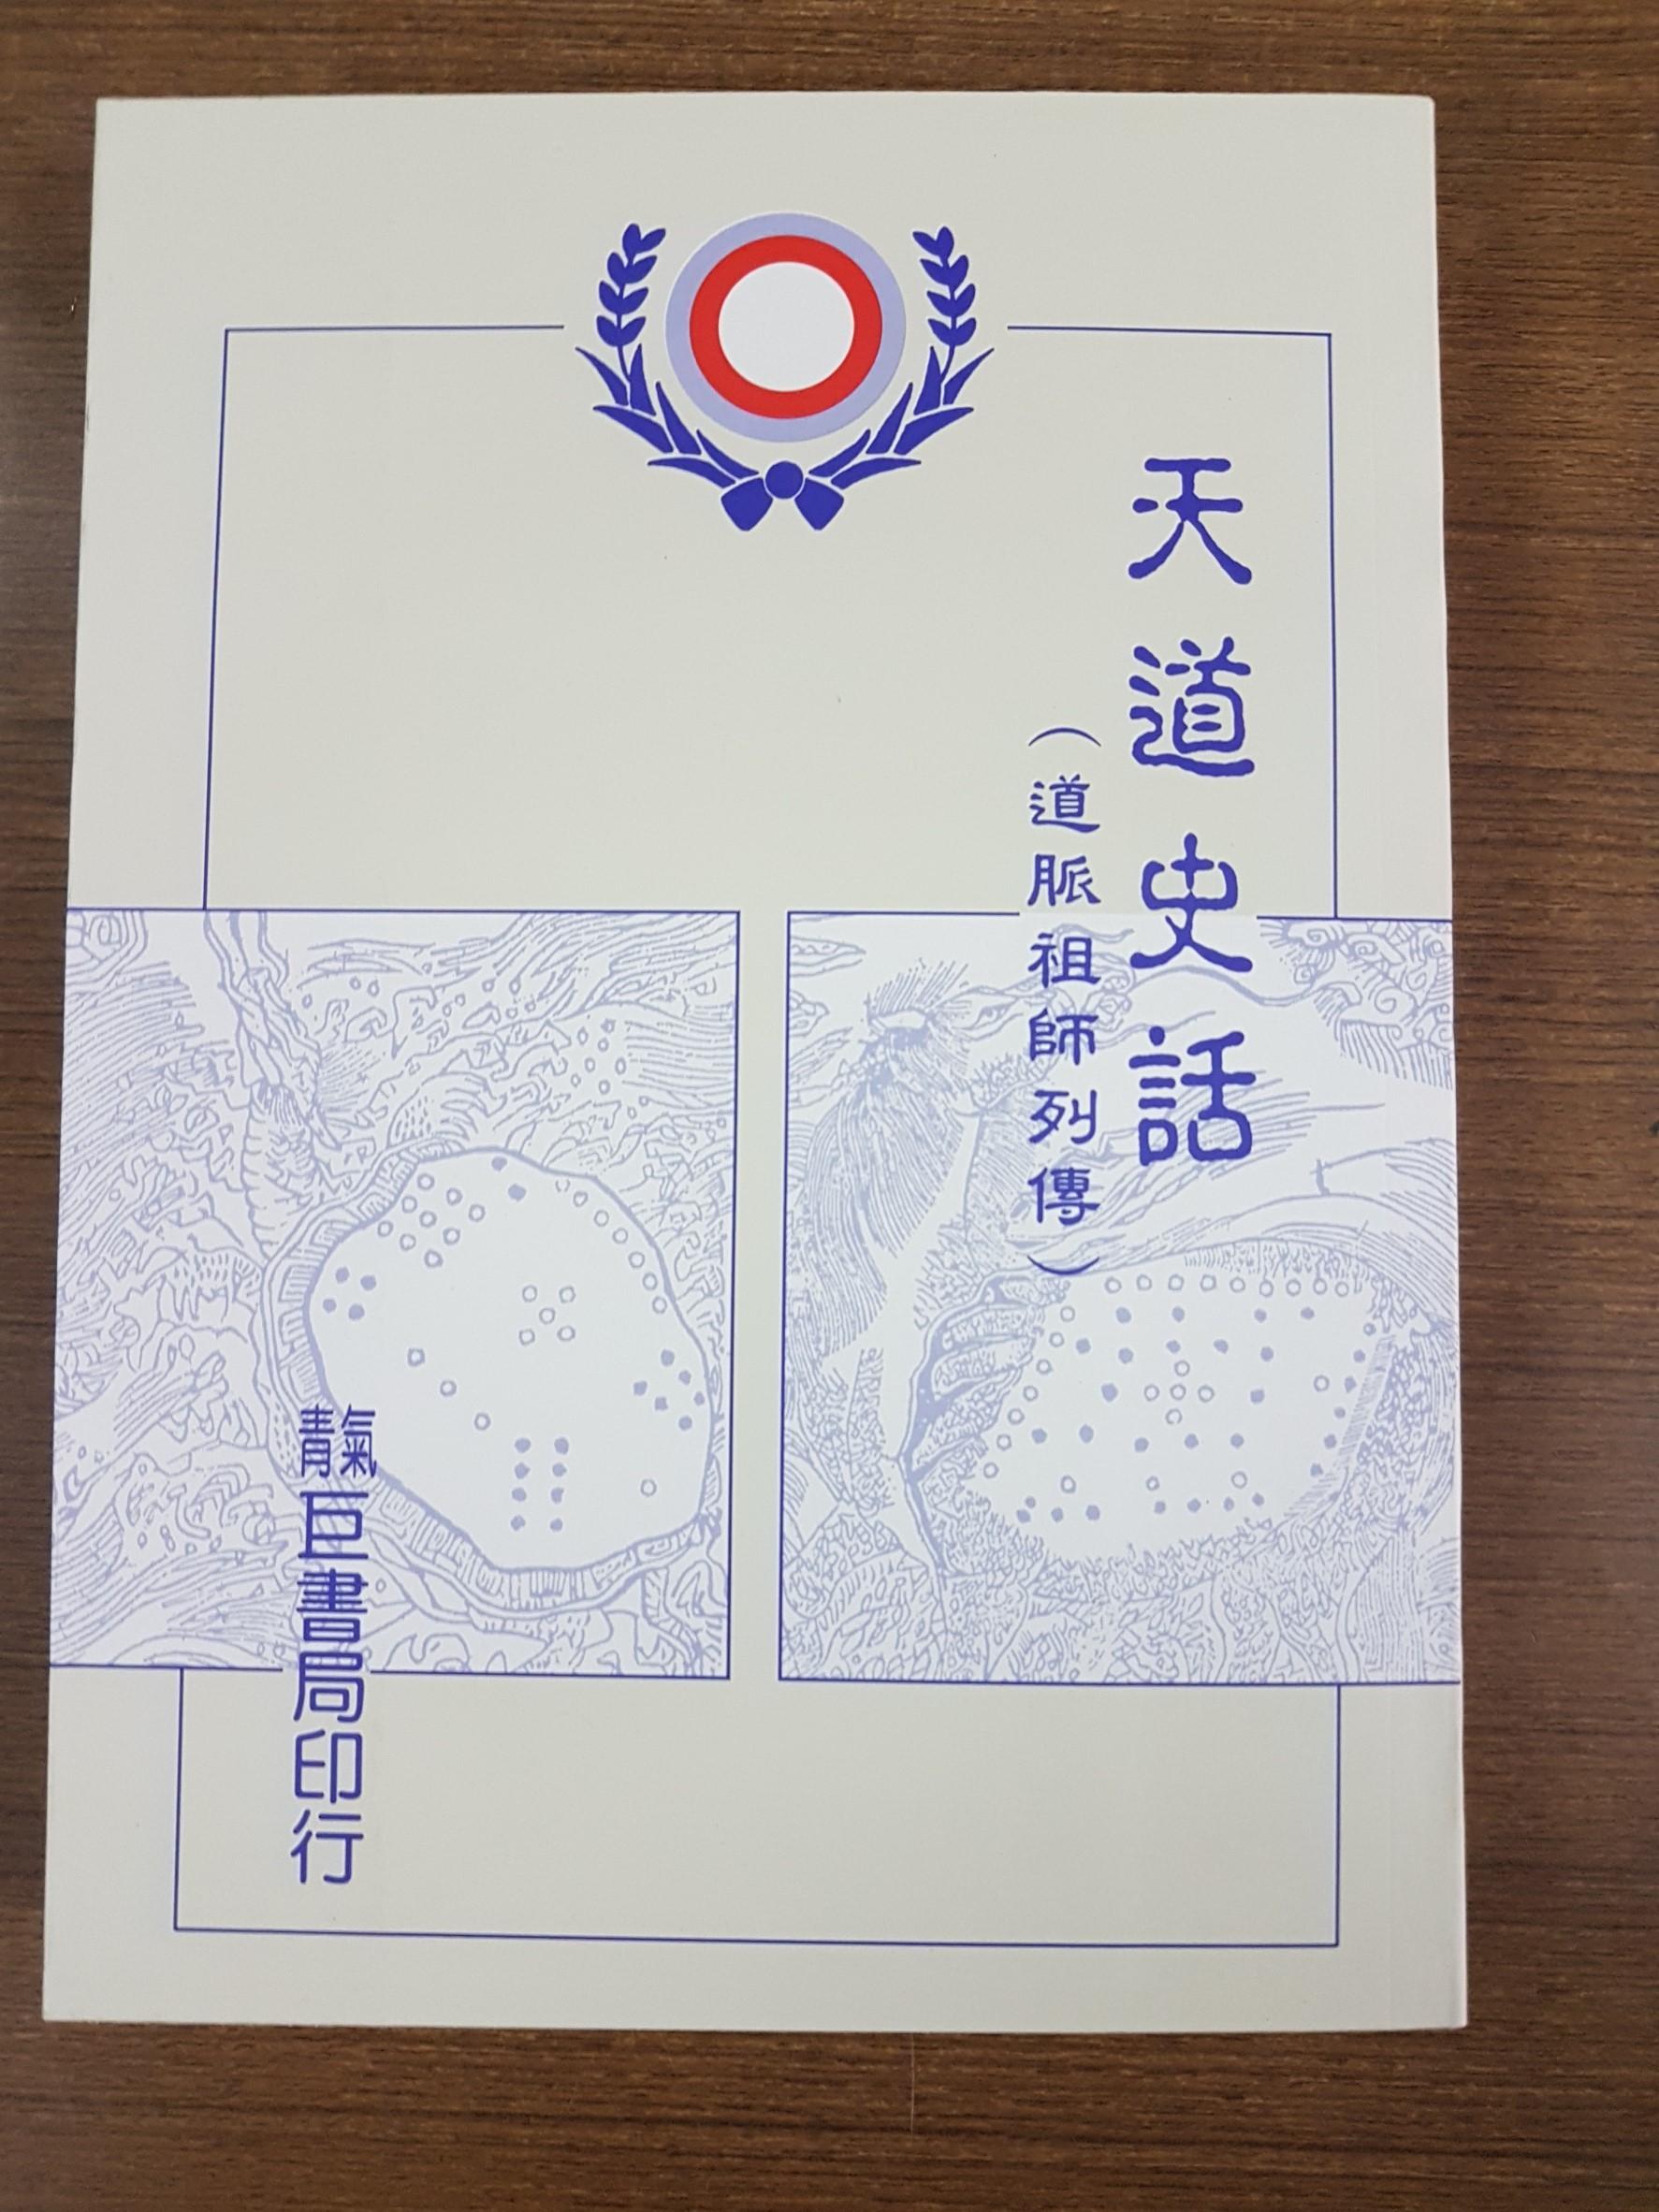 天道史話 (M33)